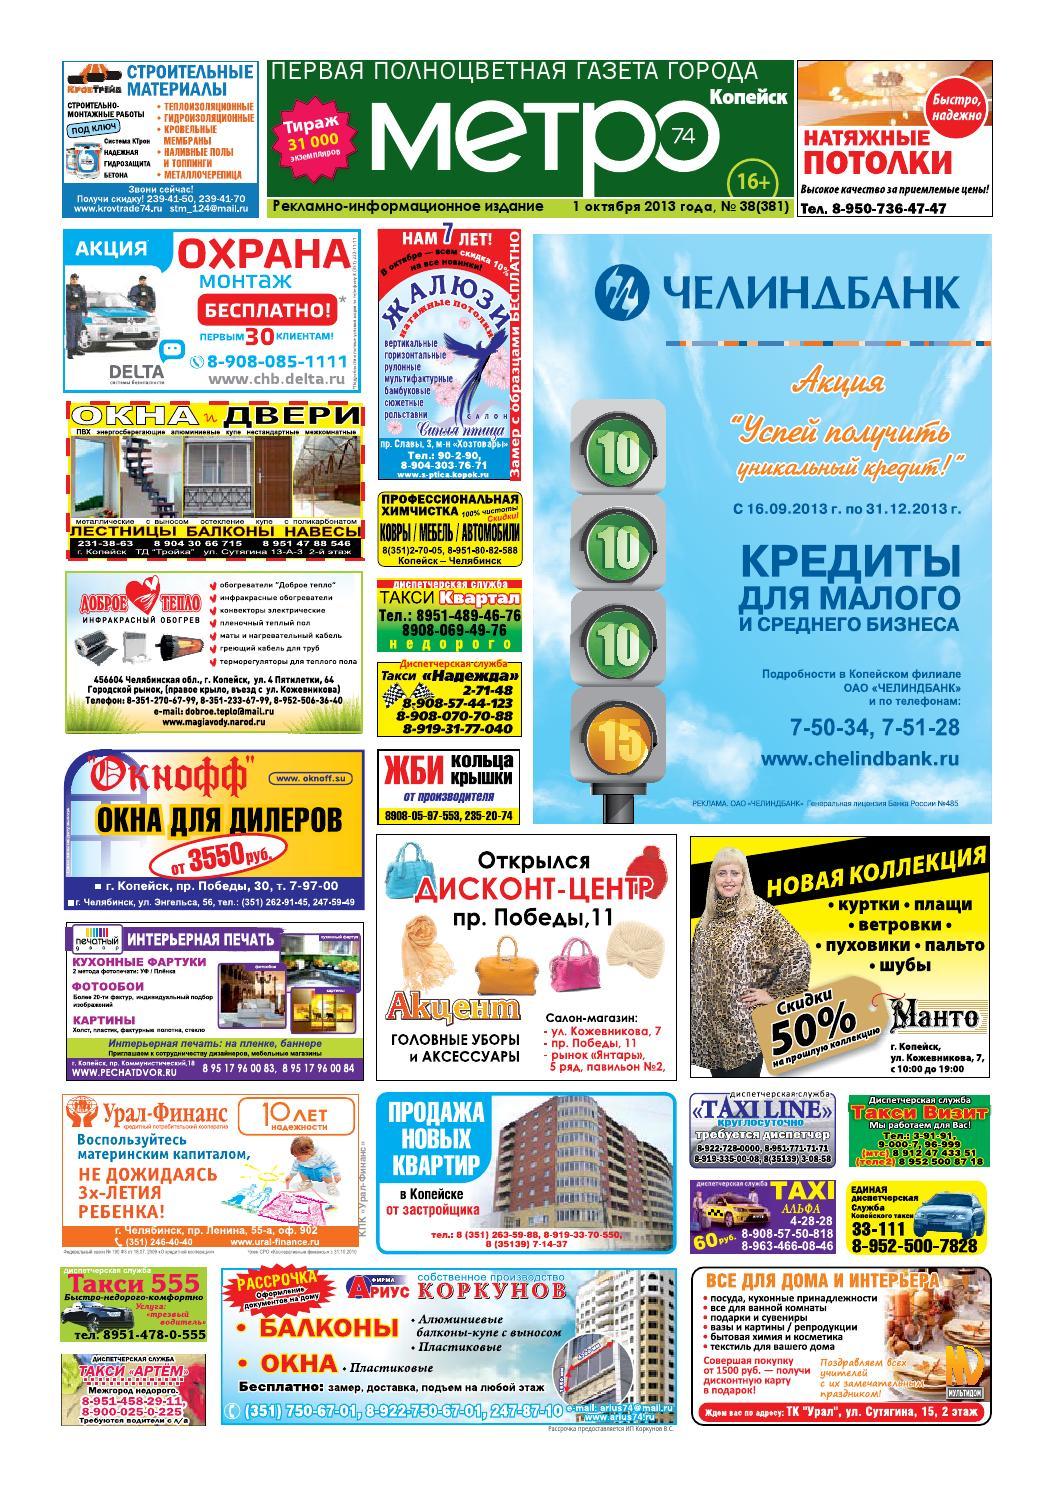 русфинанс кредит ильинская 119